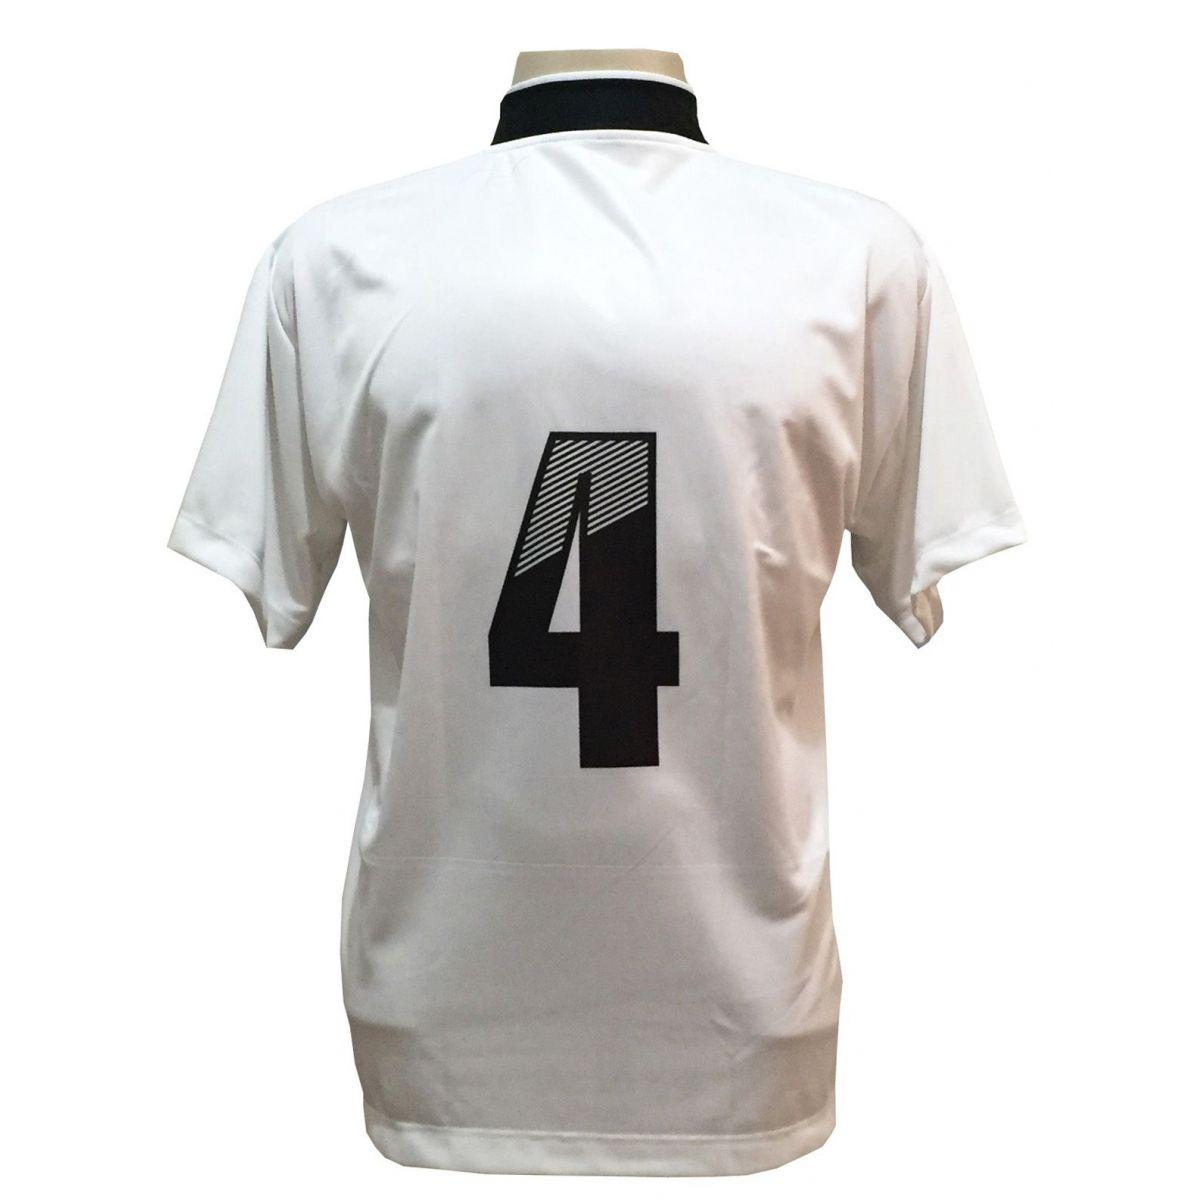 Uniforme Esportivo Completo modelo Suécia 14+1 (14 camisas Branco/Preto + 14 calções Madrid Preto + 14 pares de meiões Brancos + 1 conjunto de goleiro) + Brindes